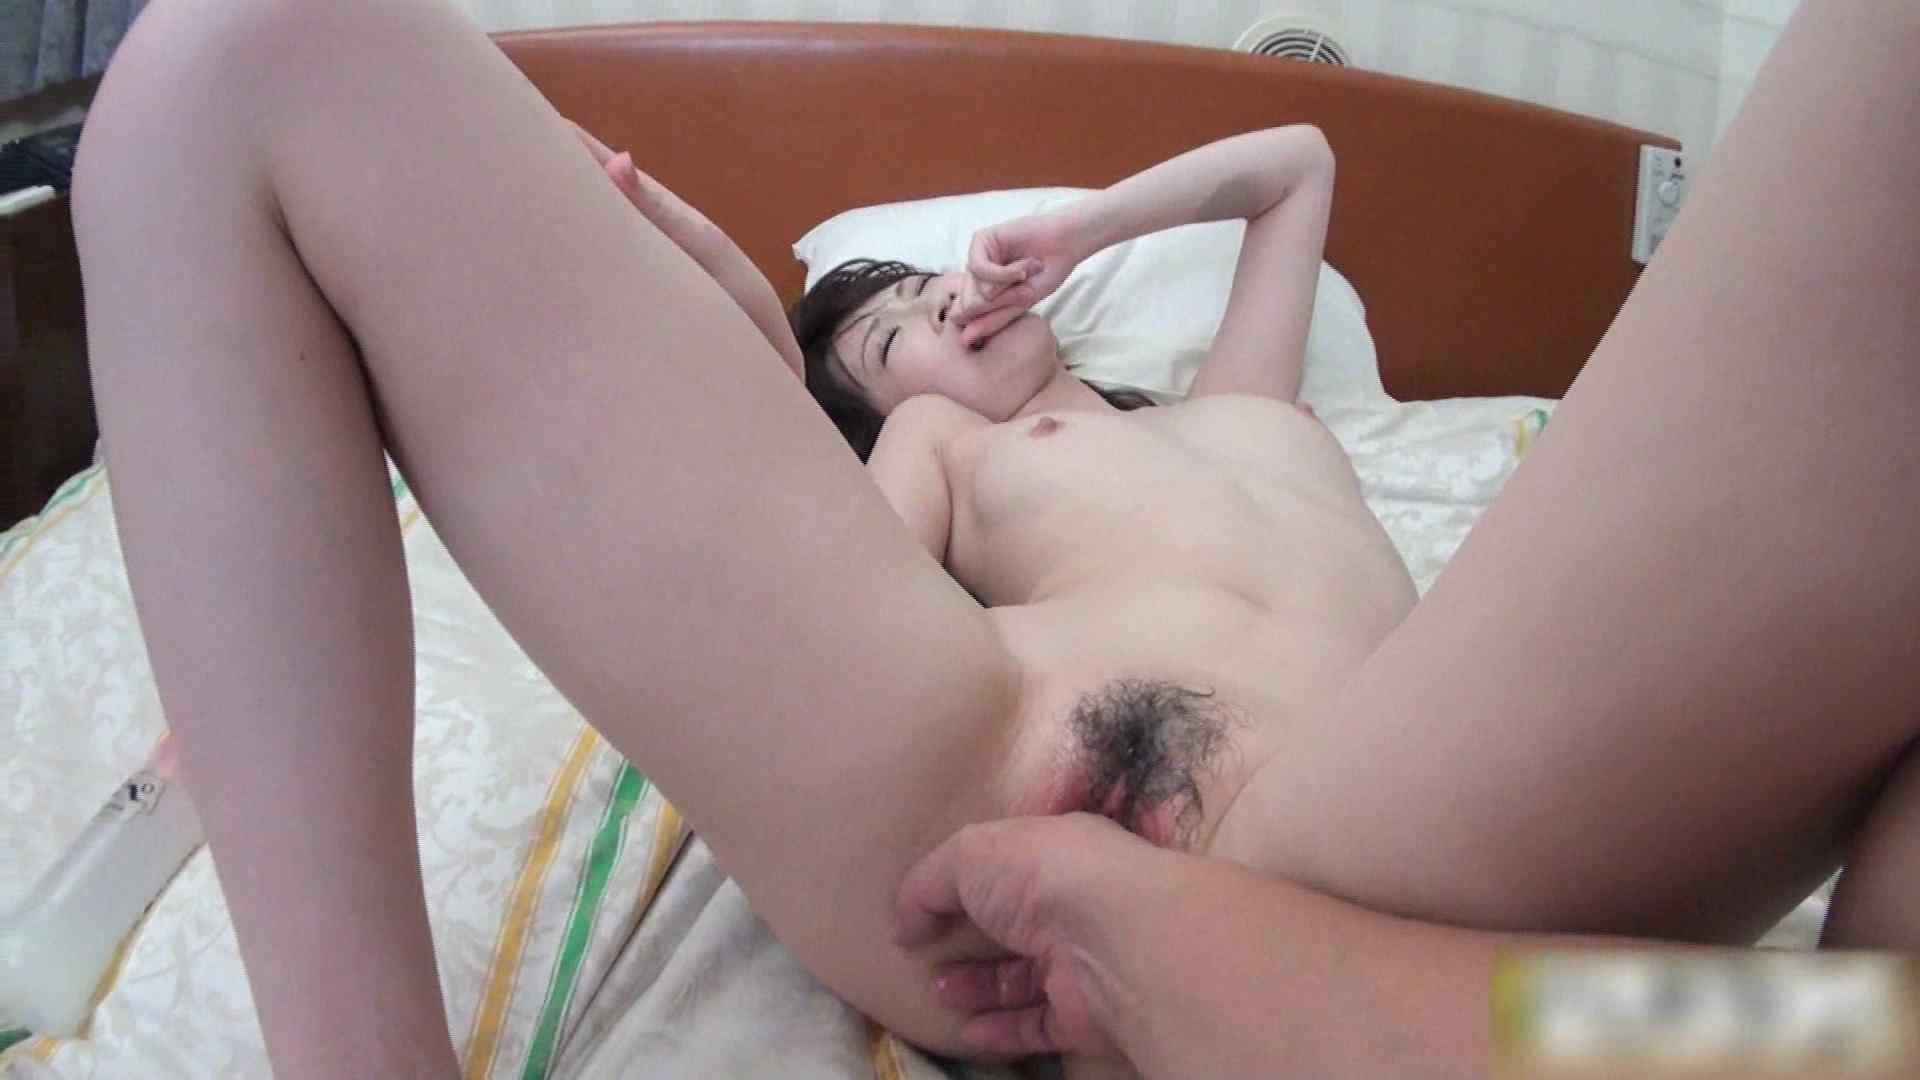 素人S級美女特選!小悪魔ギャル噂のビッチガールVol.35 美女 のぞき動画画像 61連発 27